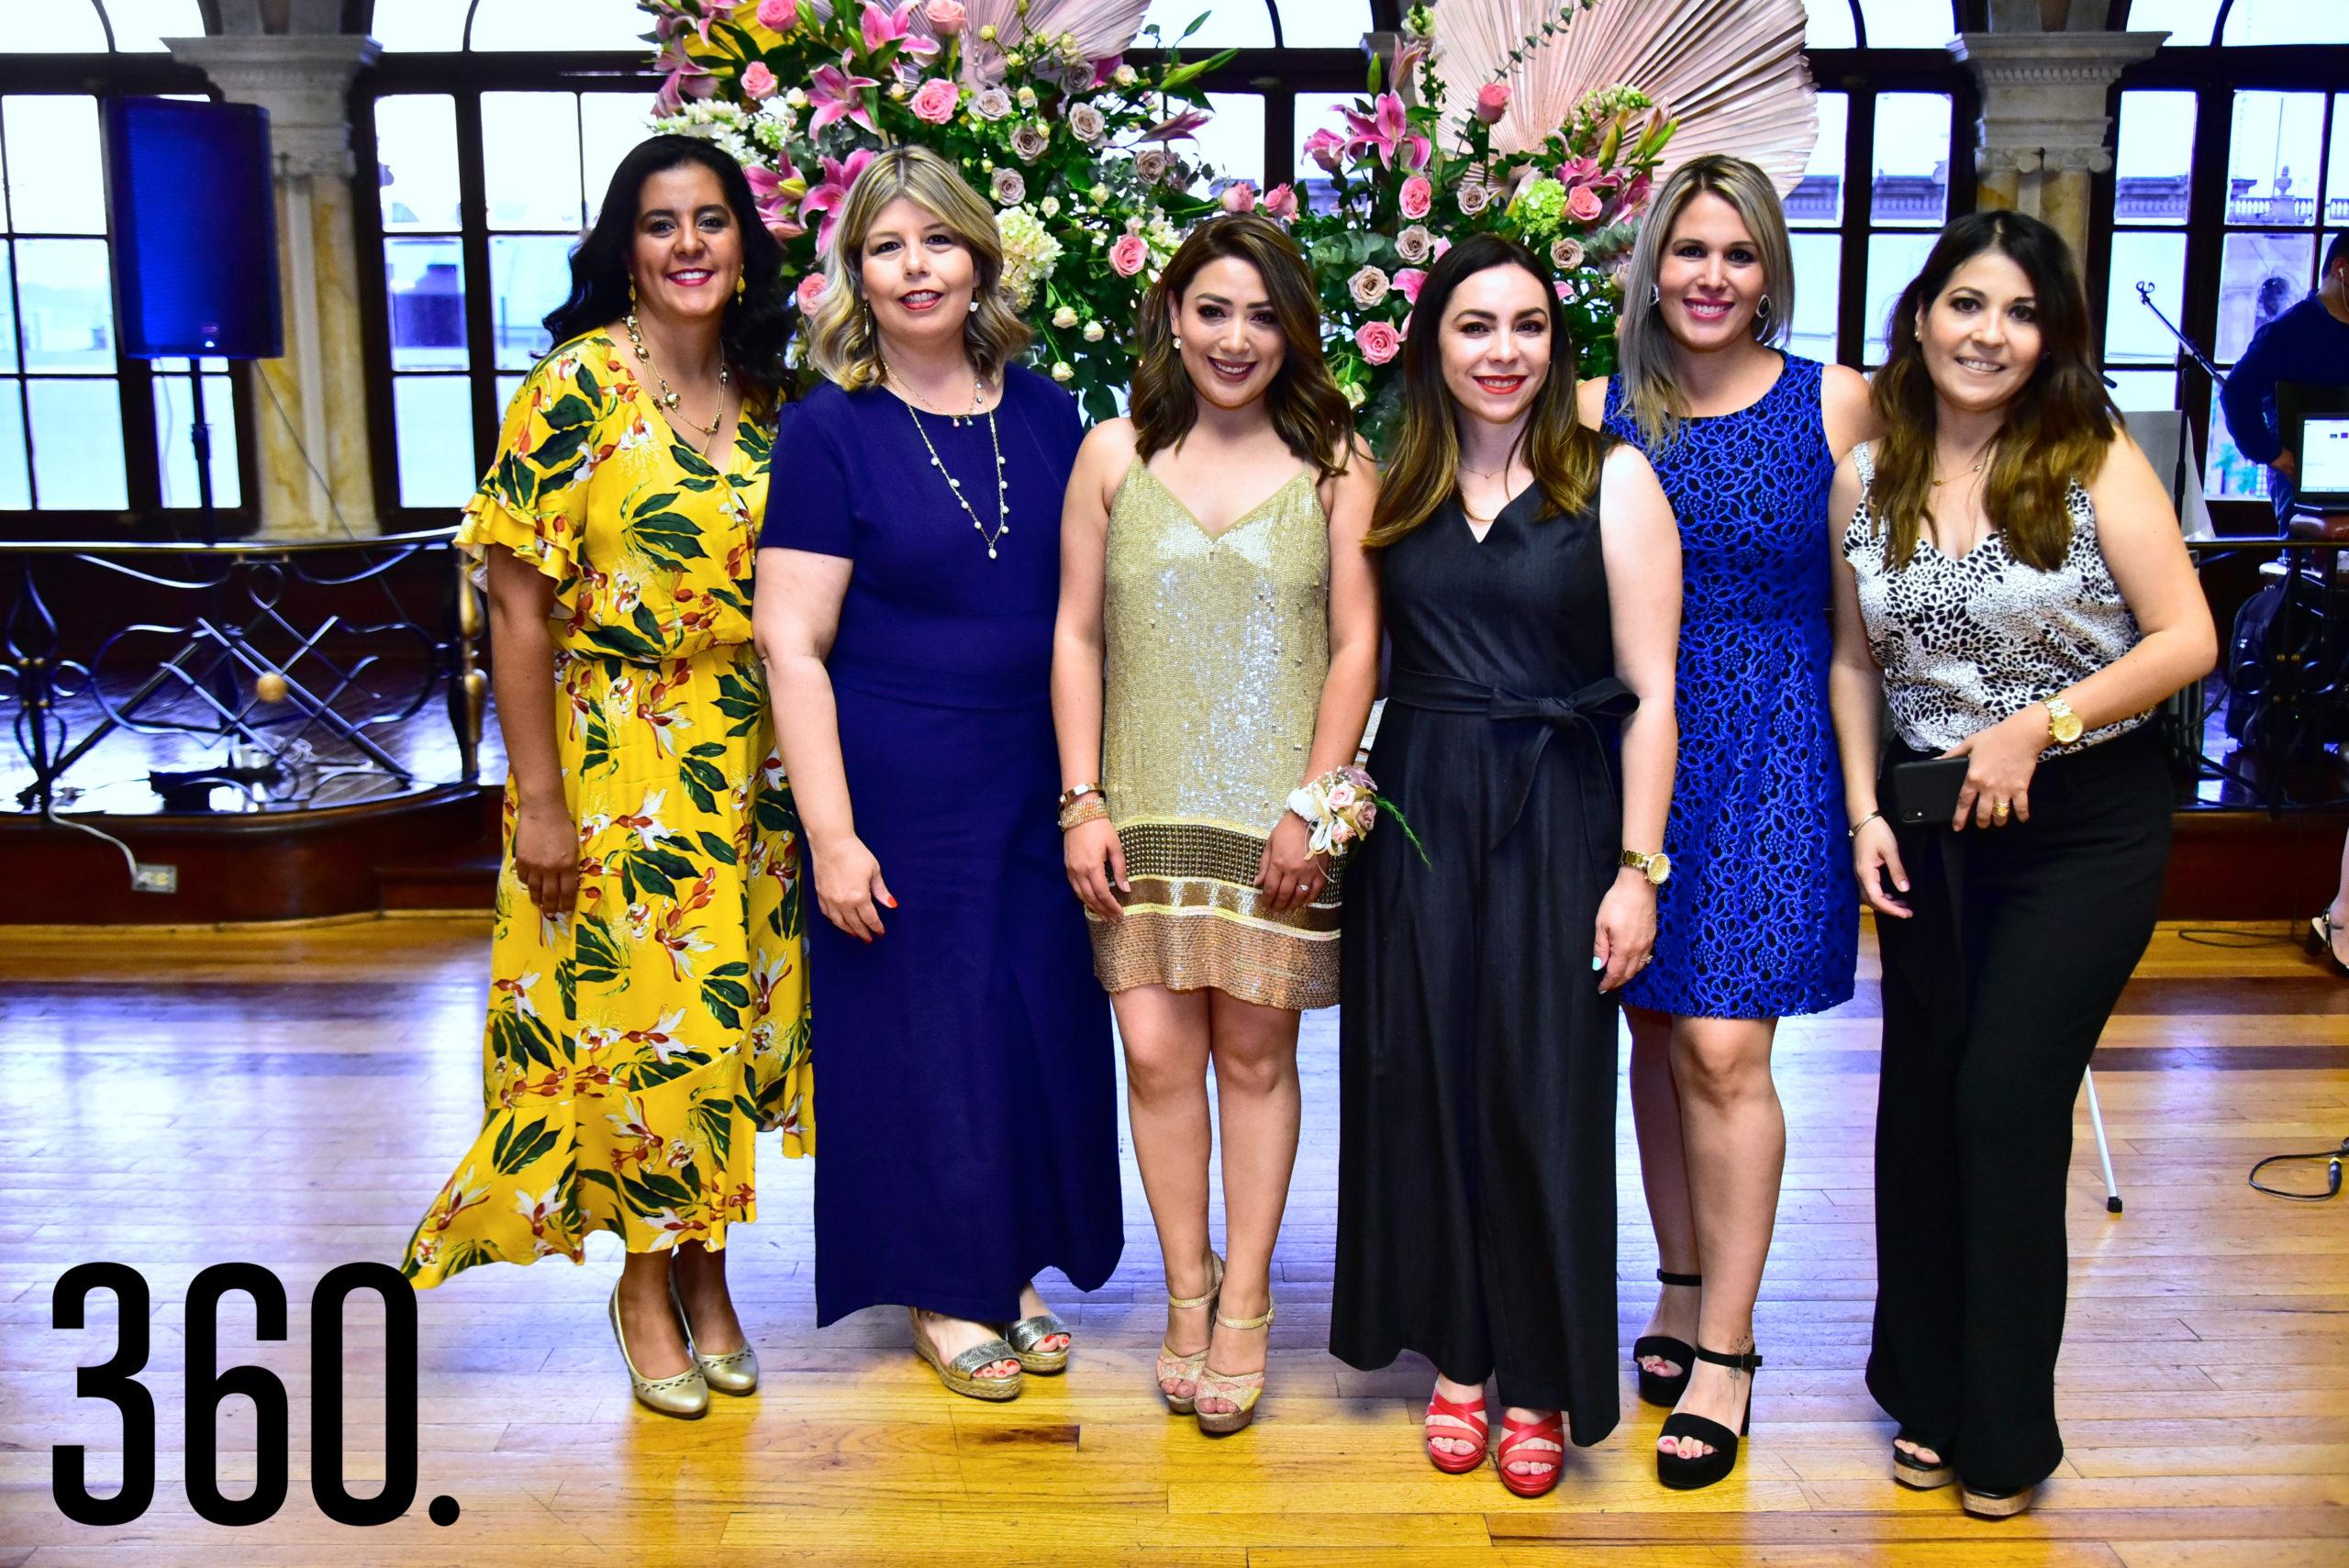 Mili Ramos, Gina Farías, Diana Mendoza, Paty Villarreal, Aidé Aguirre y Erika Reyes.